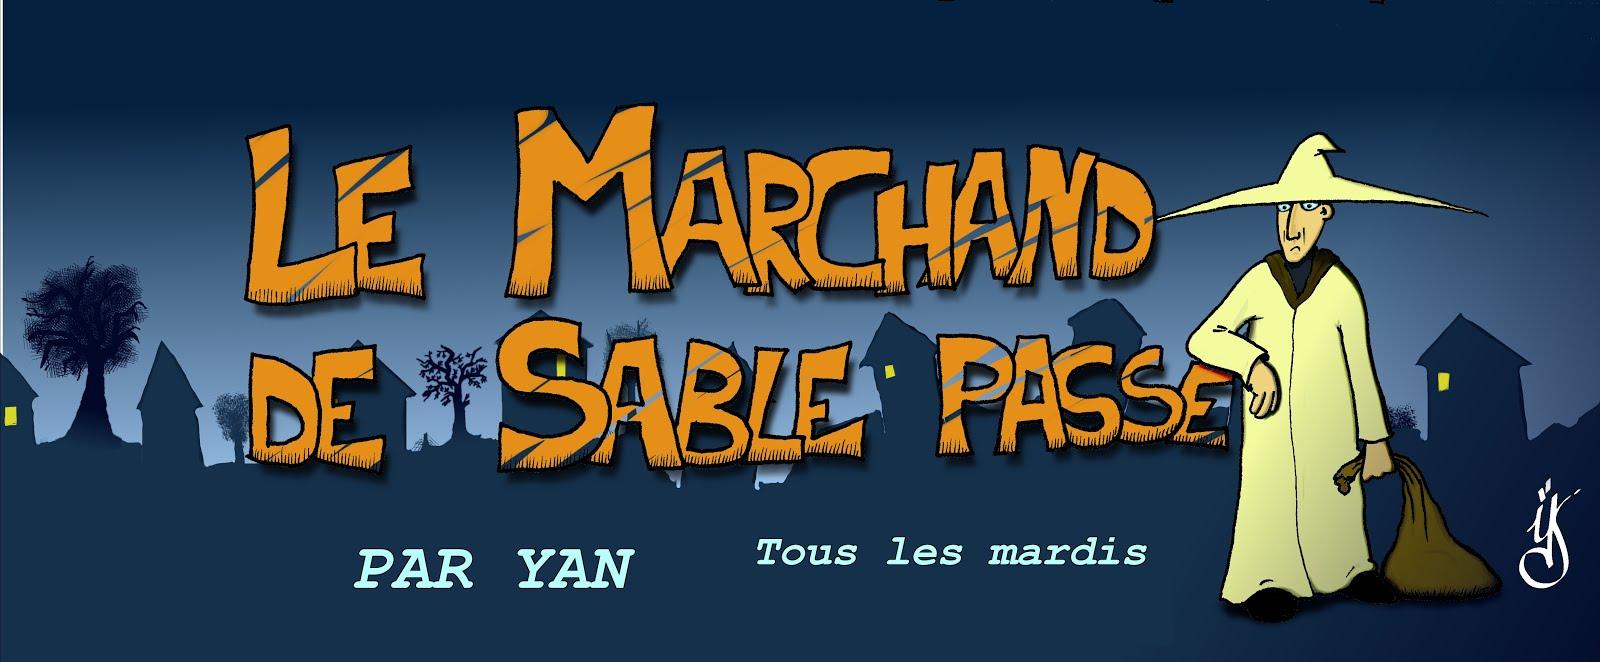 Le Marchand de Sable Passe...